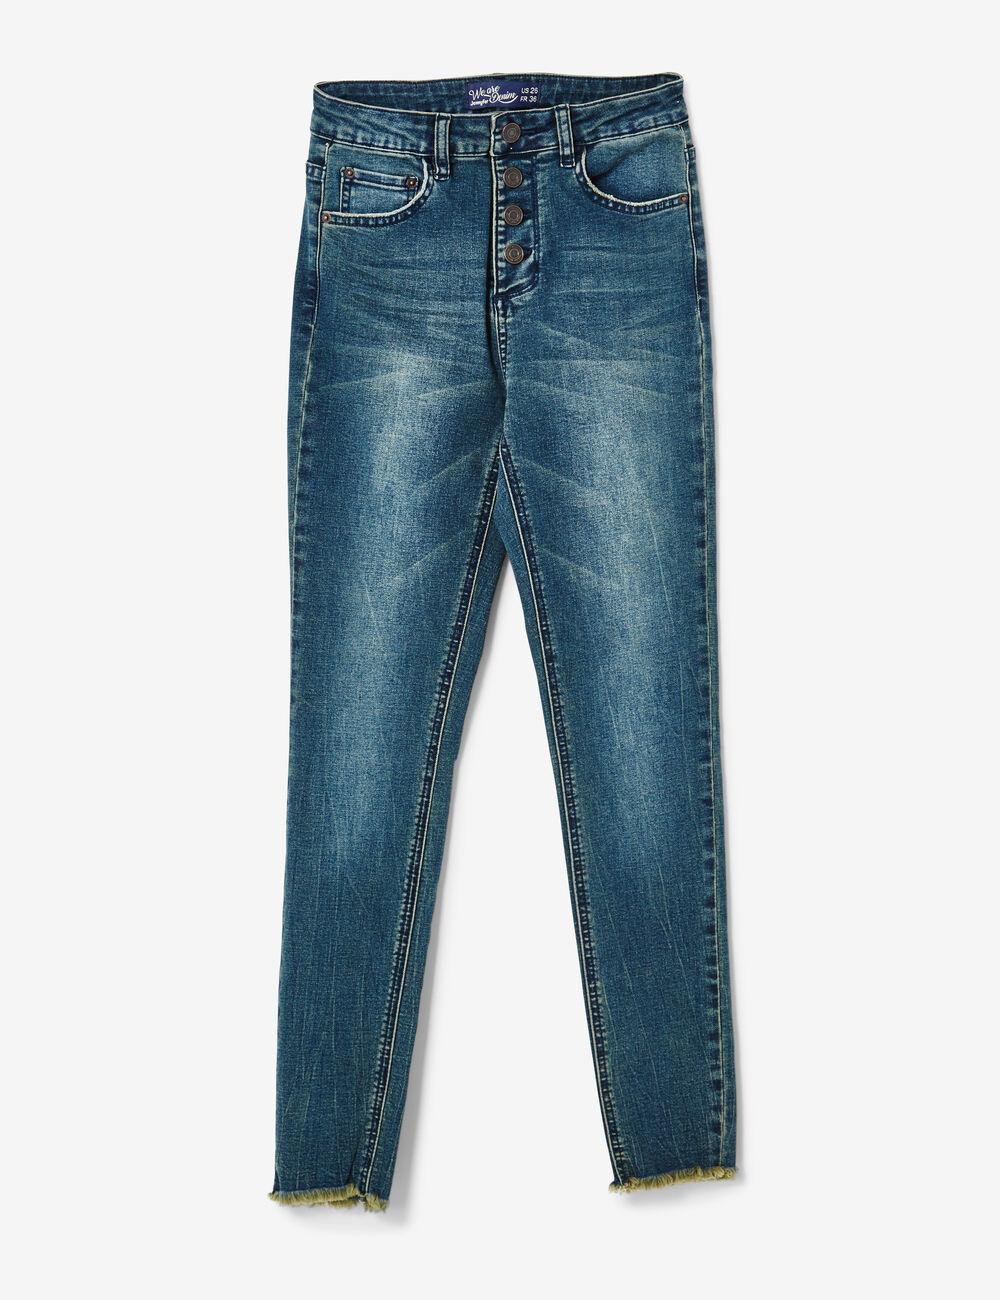 Jean taille medium